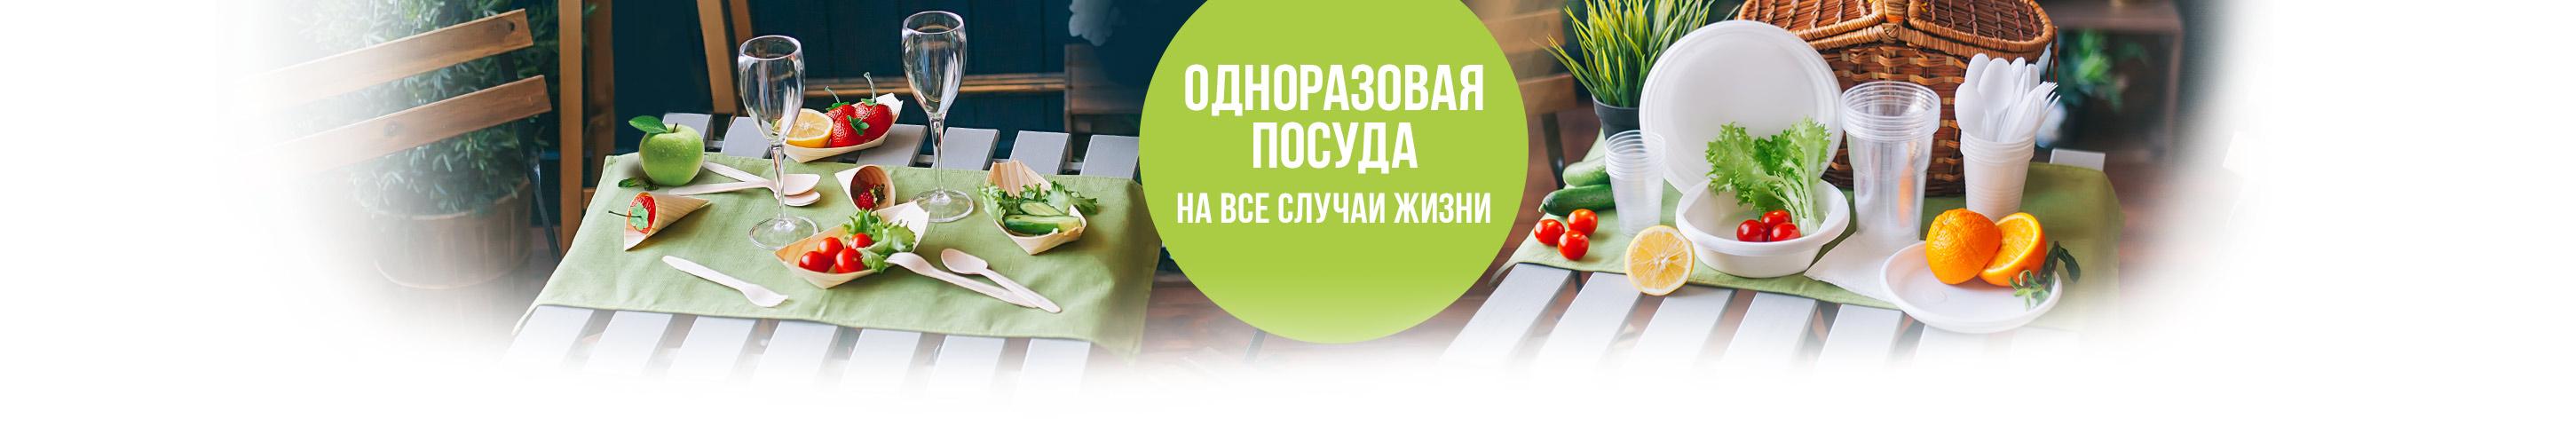 cad9b1b9d41 Купить посуду оптом и в розницу в интернет-магазине Сима-ленд